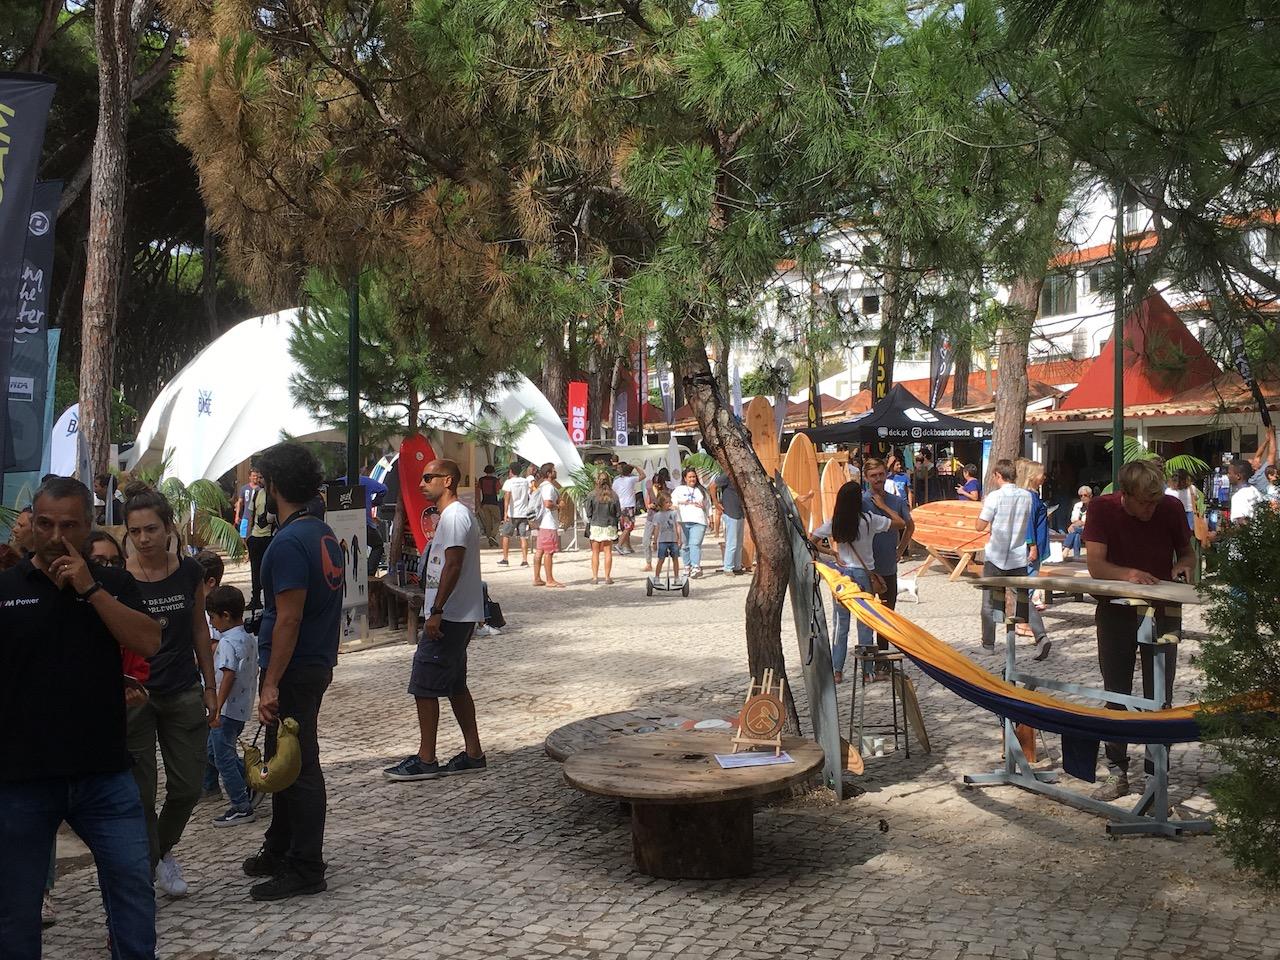 Around the expo